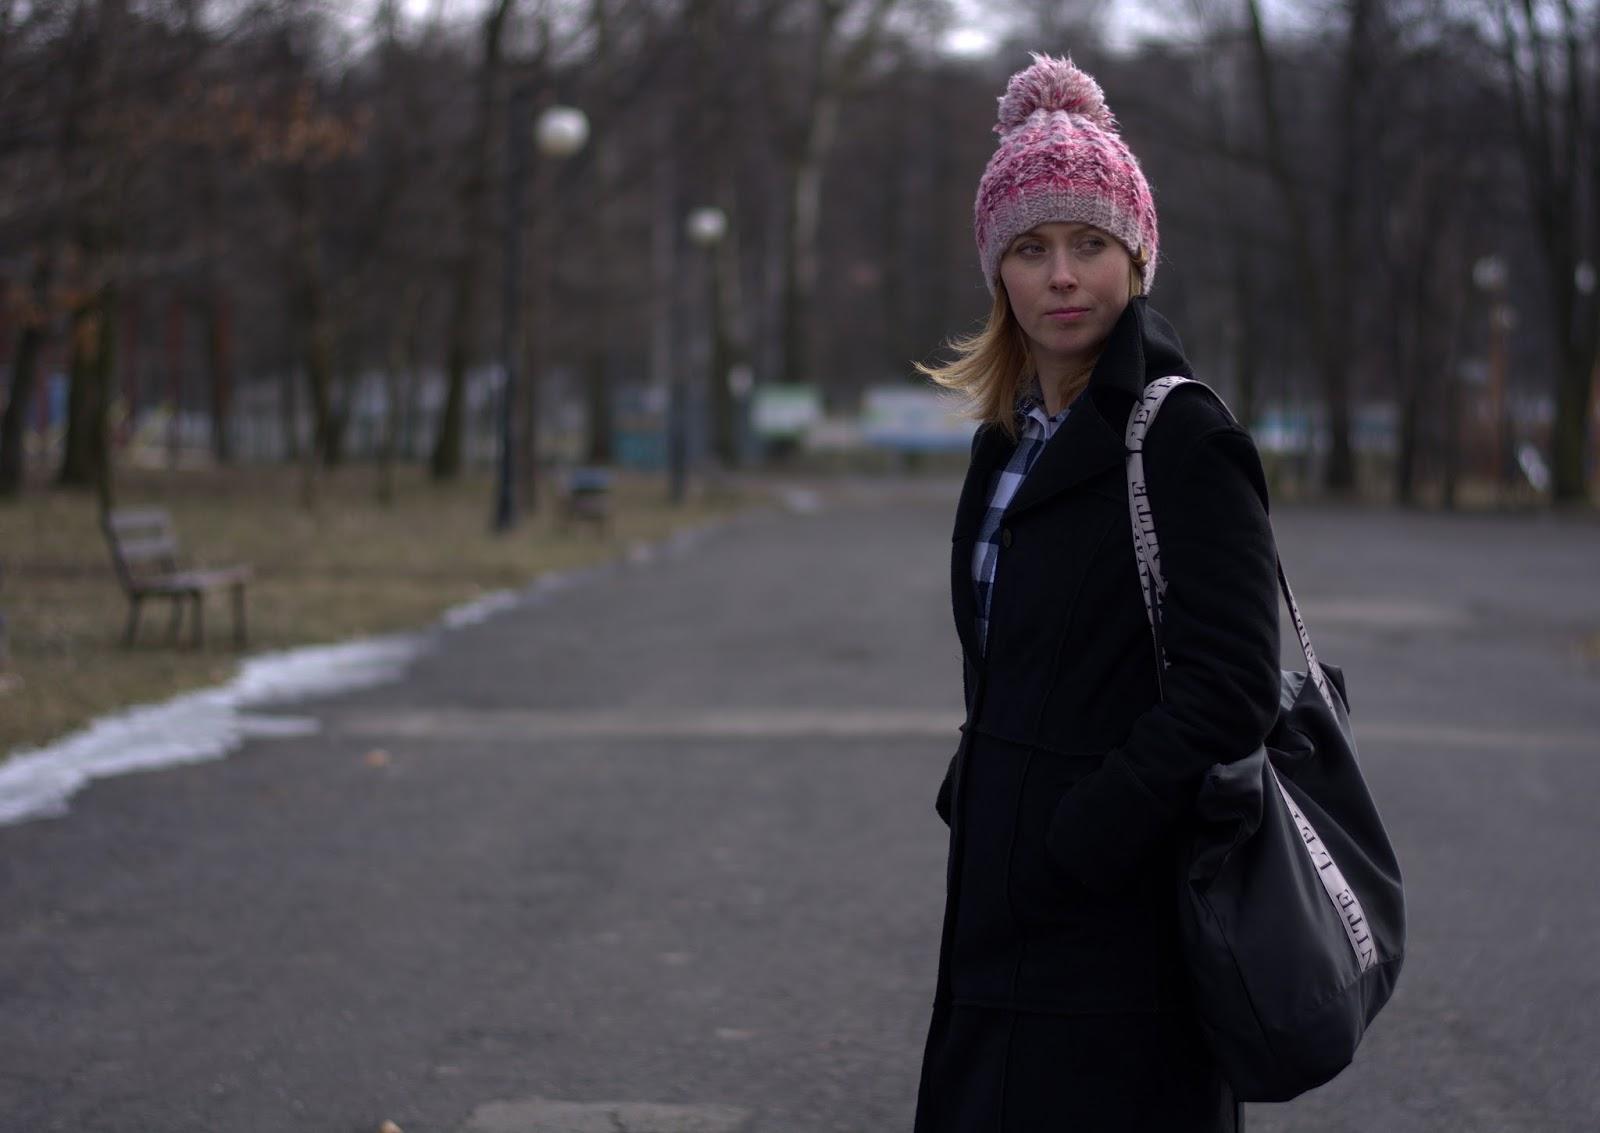 Winter style, bye bye...